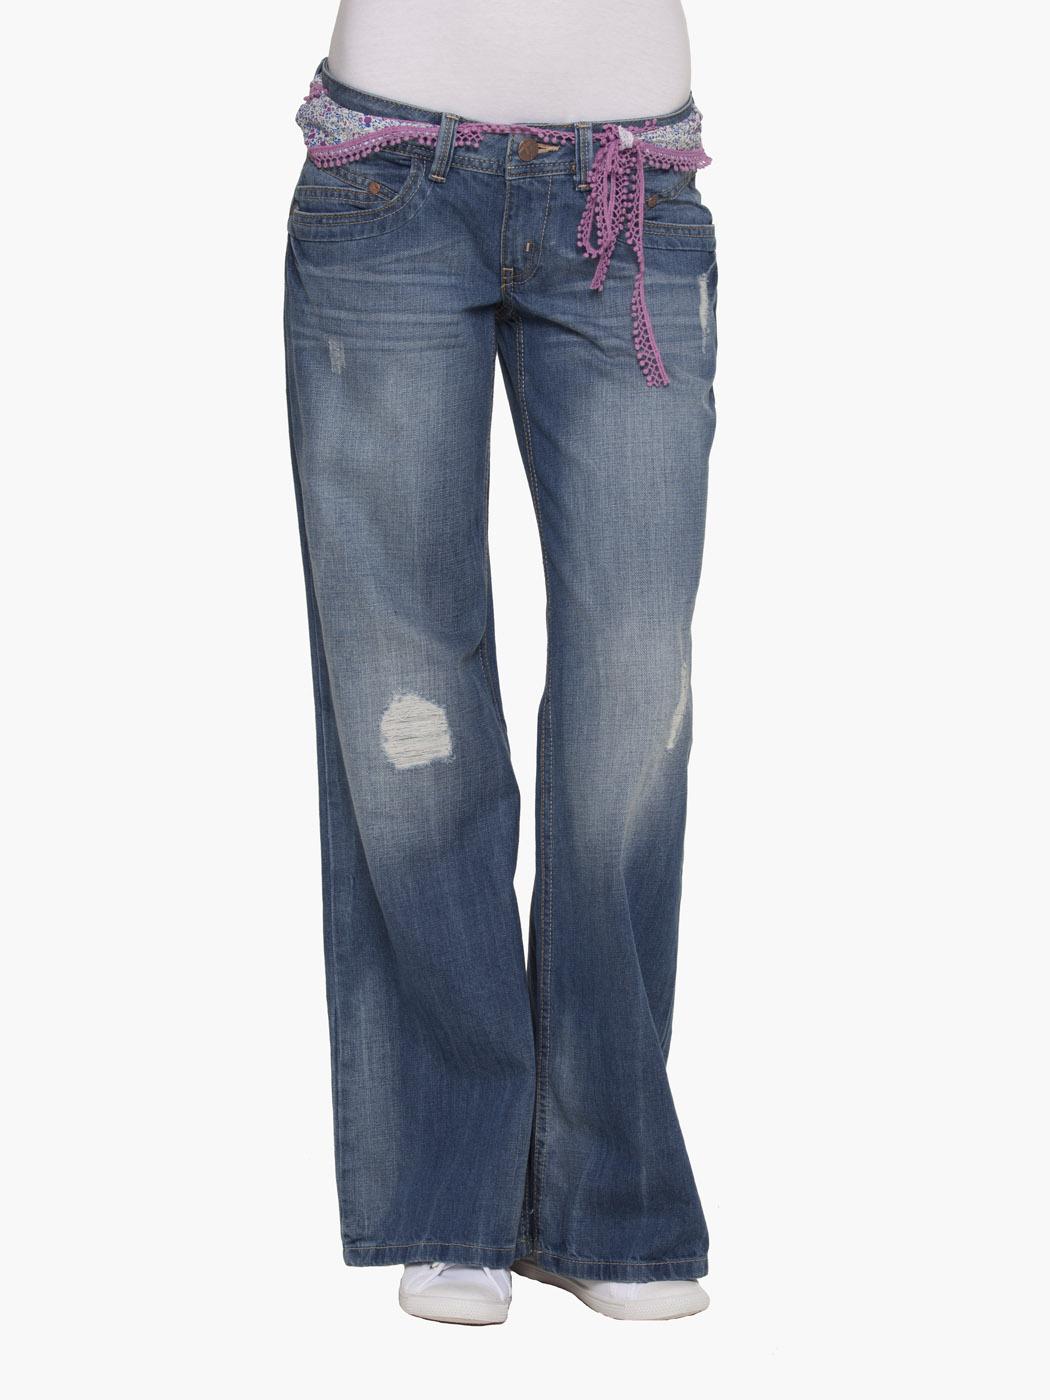 Bayan pantolon modelleri